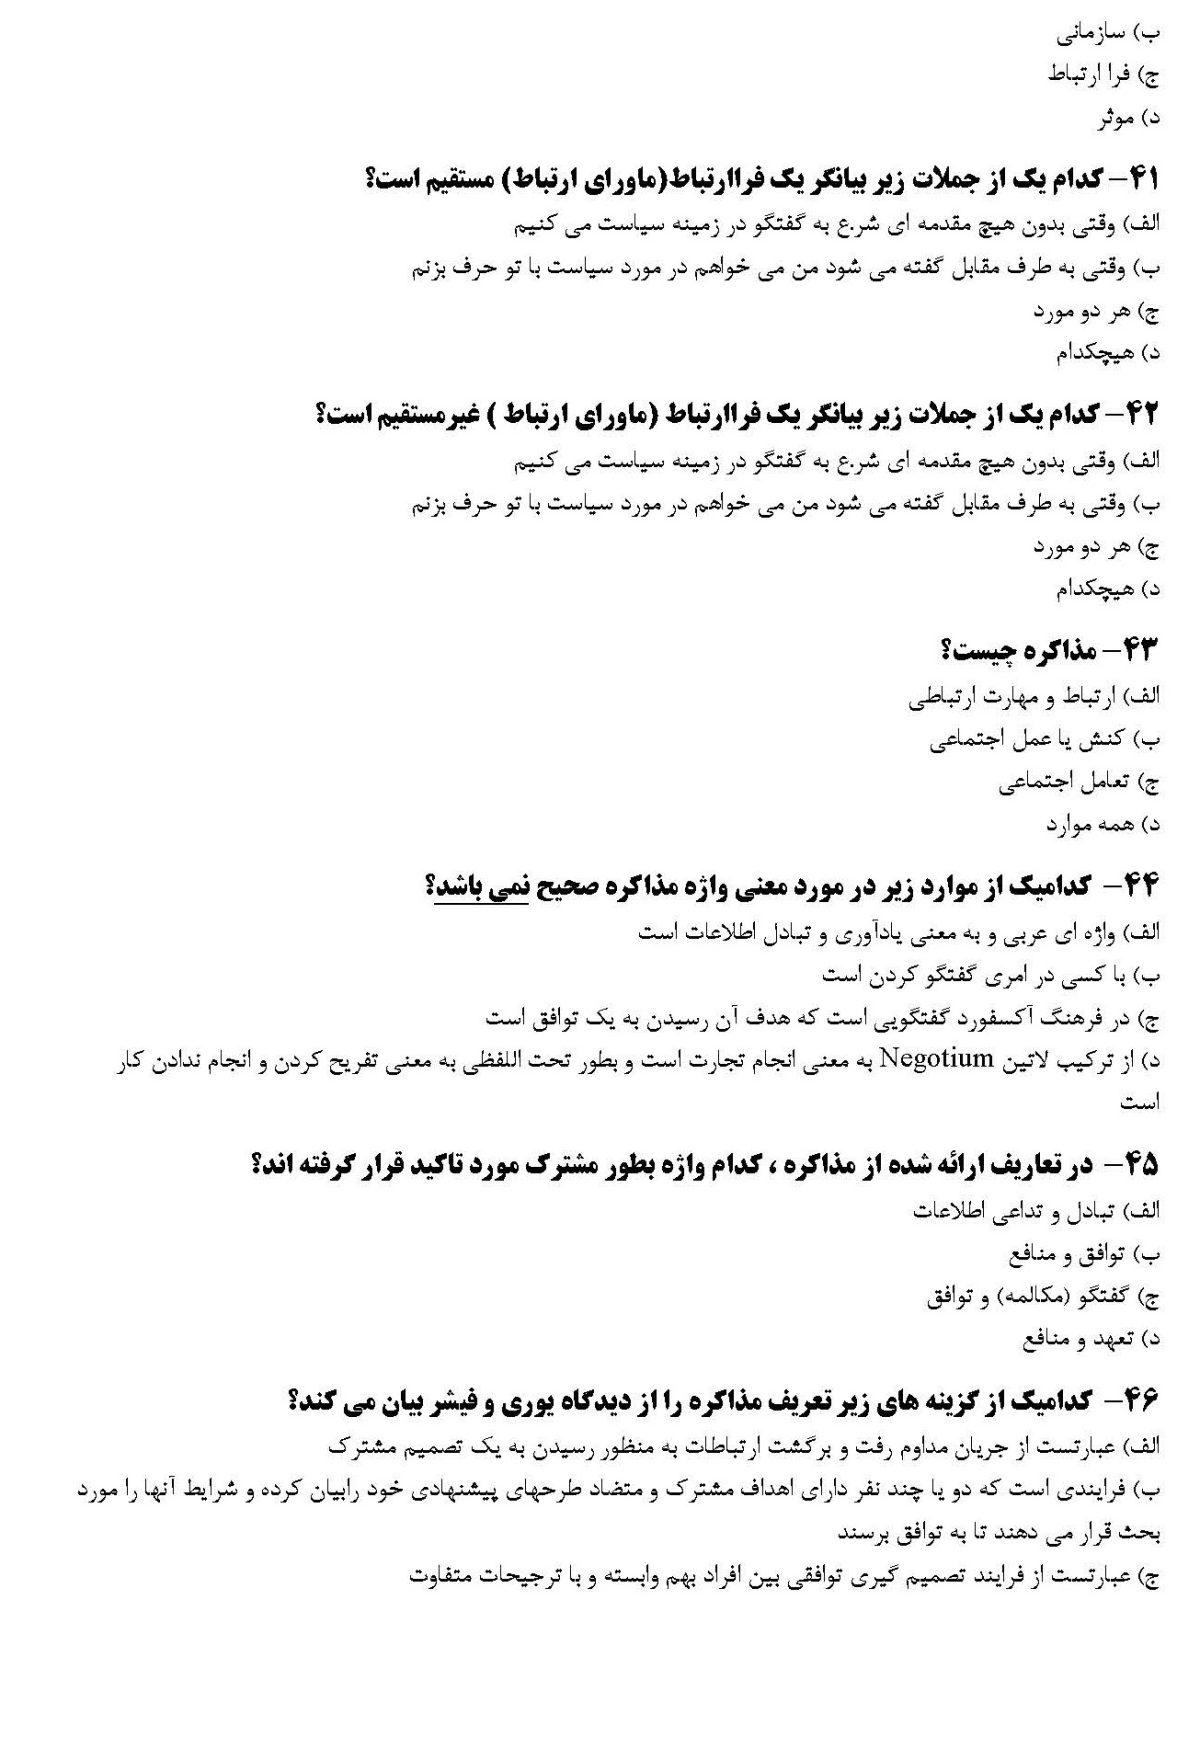 نمونه سوالات تستی اصول و فنون مذاکره میثم شفیعی رودپشتی دانشگاه جامع علمی کاربردی